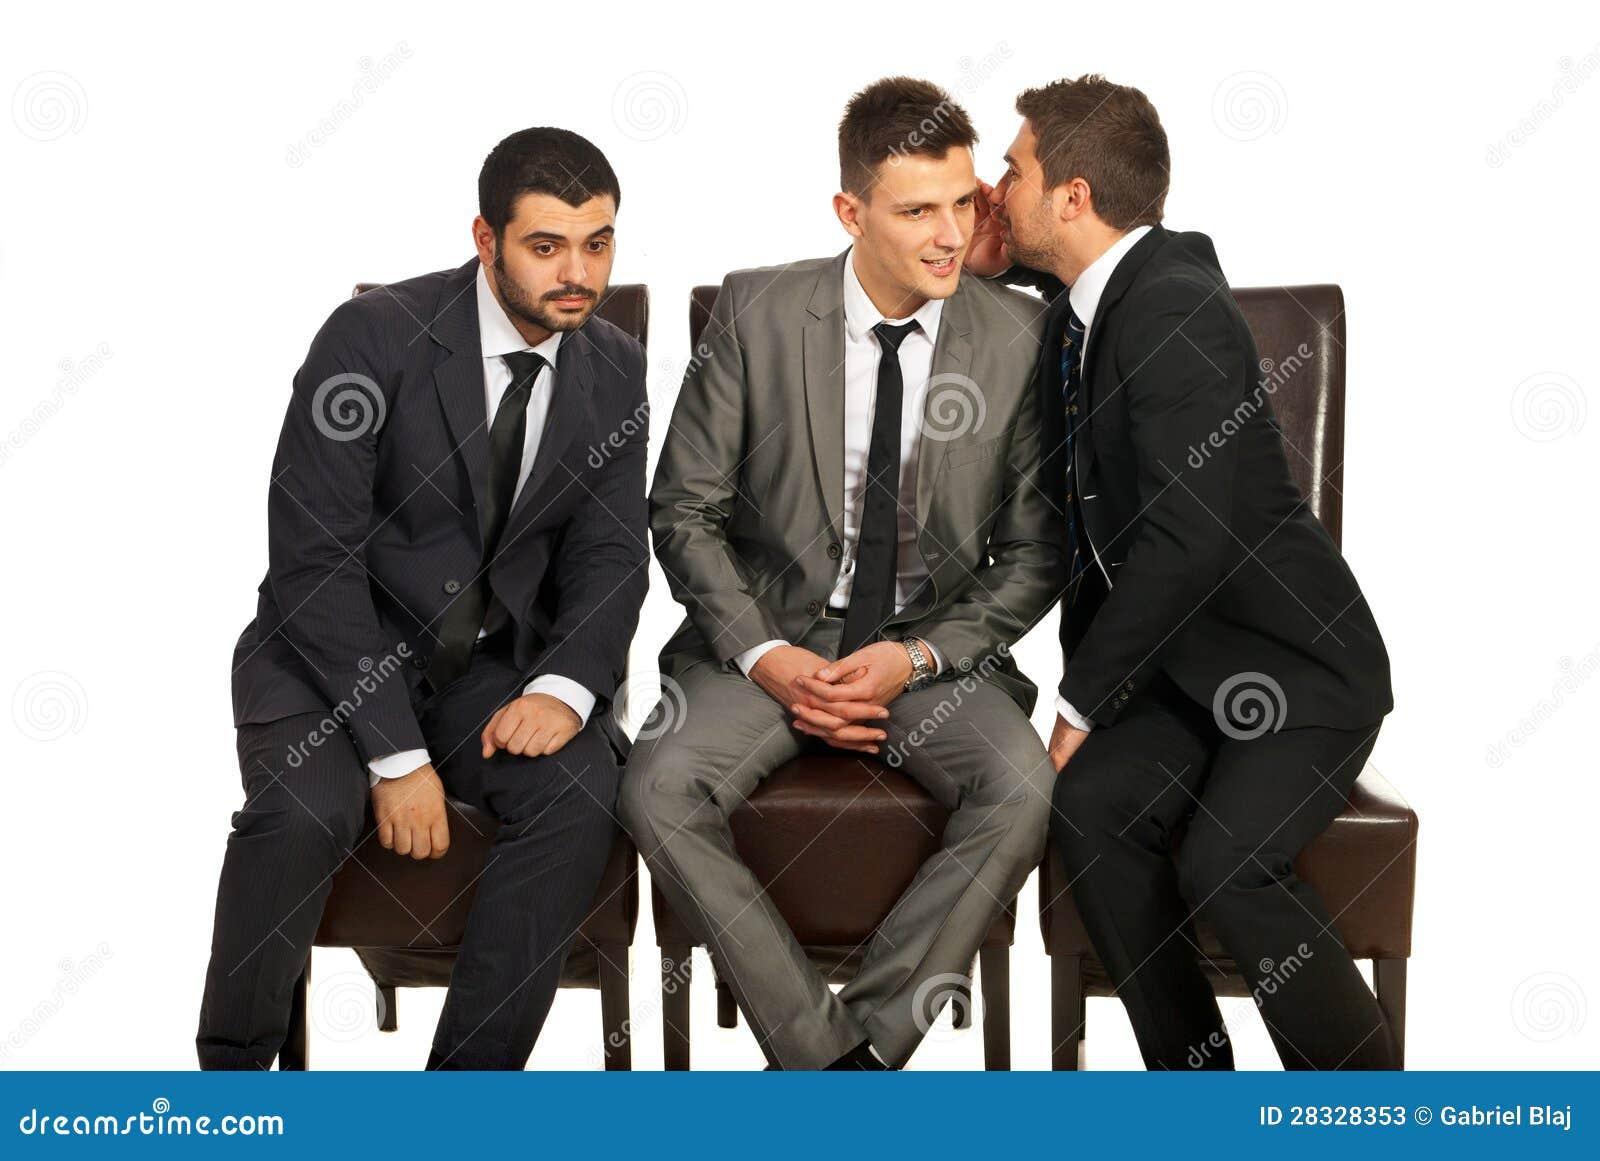 Business man sharing a secret